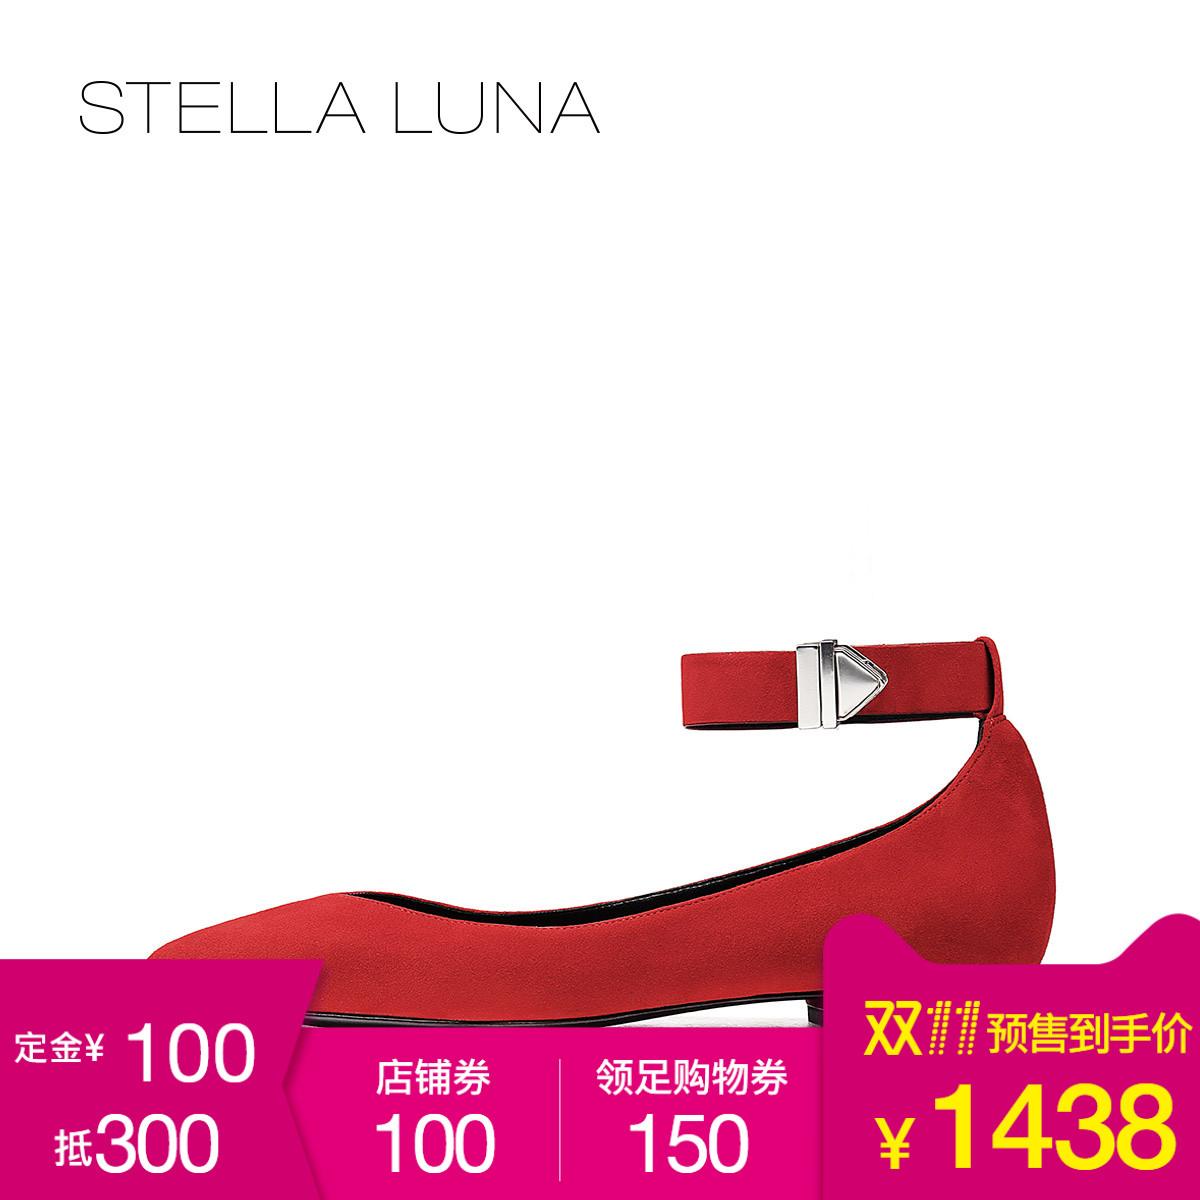 【预售】STELLA LUNA女鞋冬季尖头浅口平跟一字扣单鞋SG334C24008